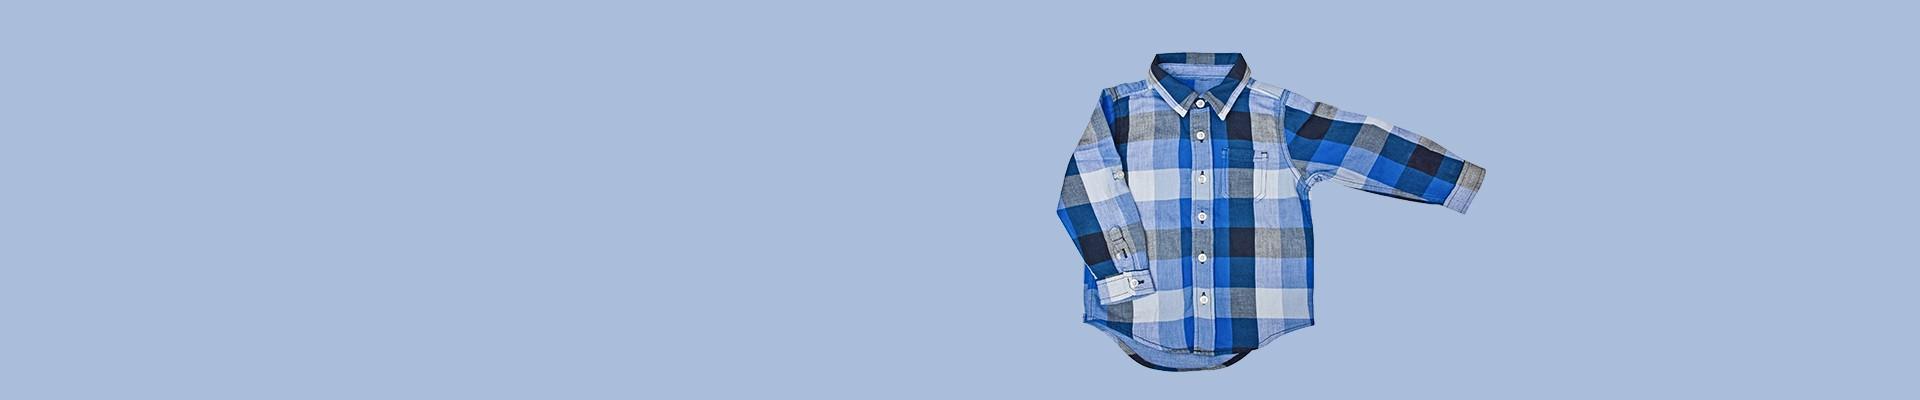 Jual Pakaian Anak Laki-Laki Model Terbaru Online